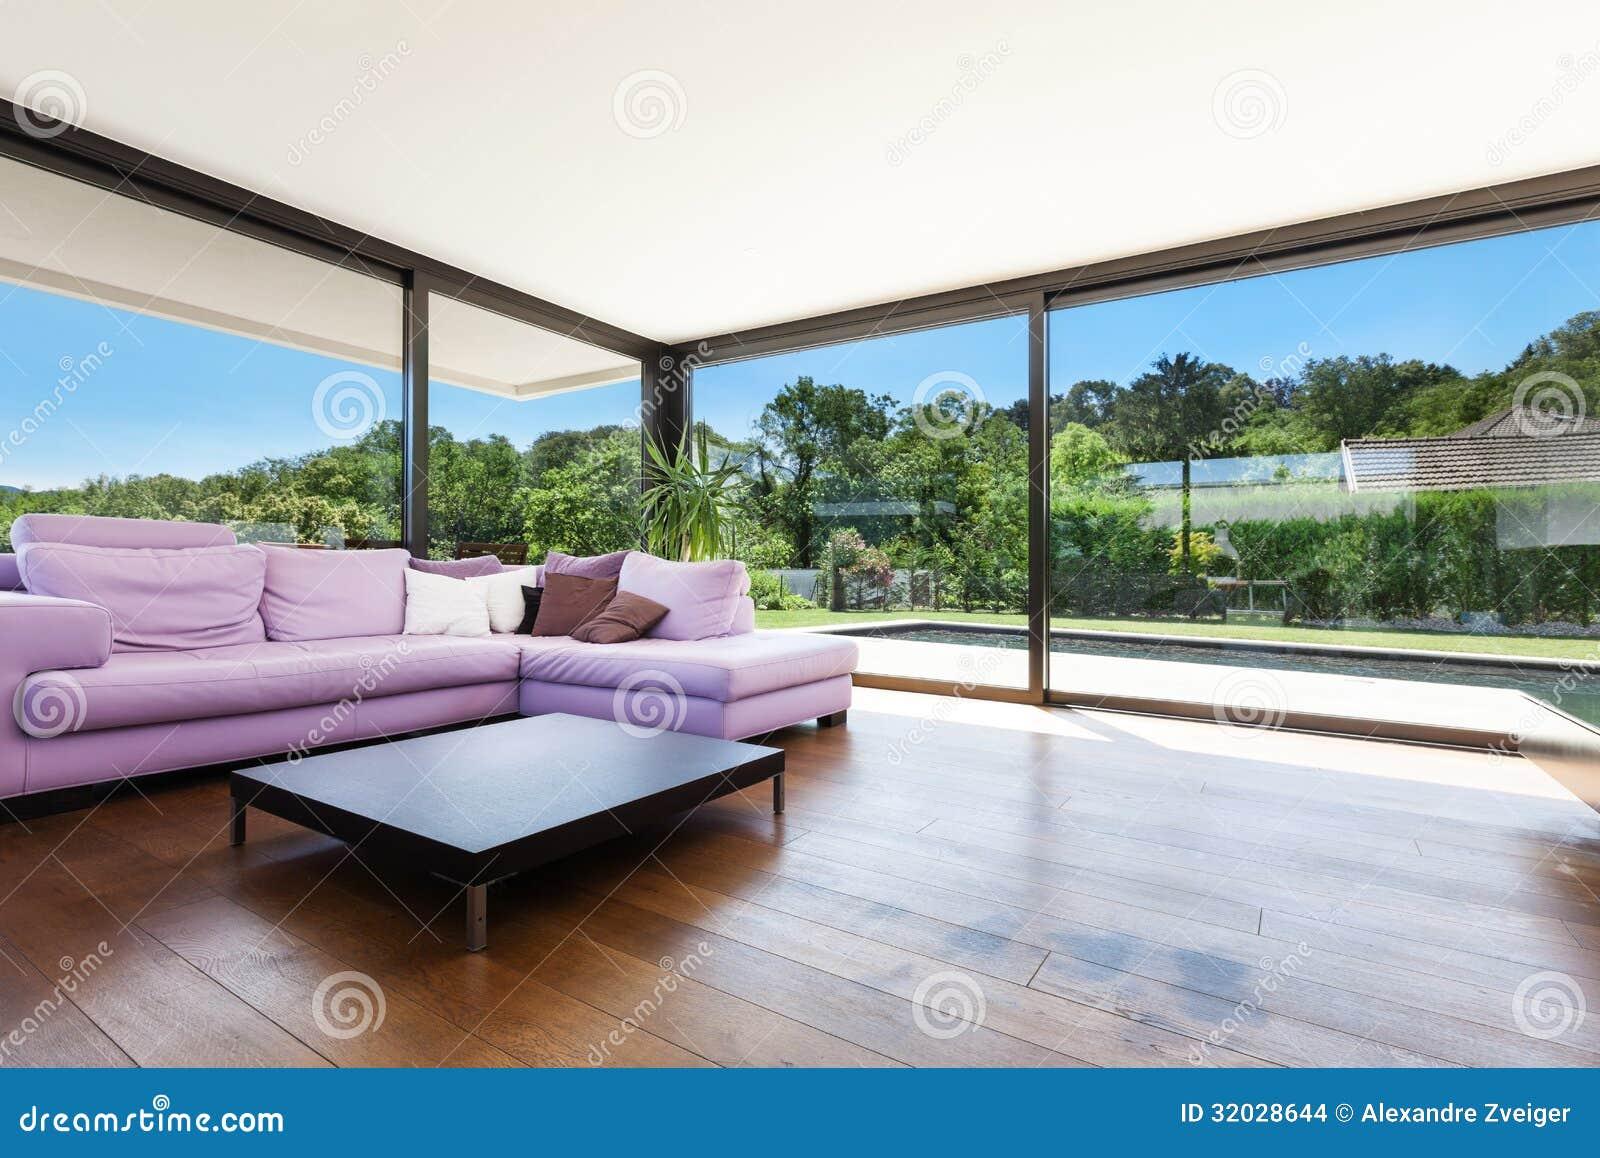 Modernes landhaus innen stockfoto bild von architektur for Modernes landhaus